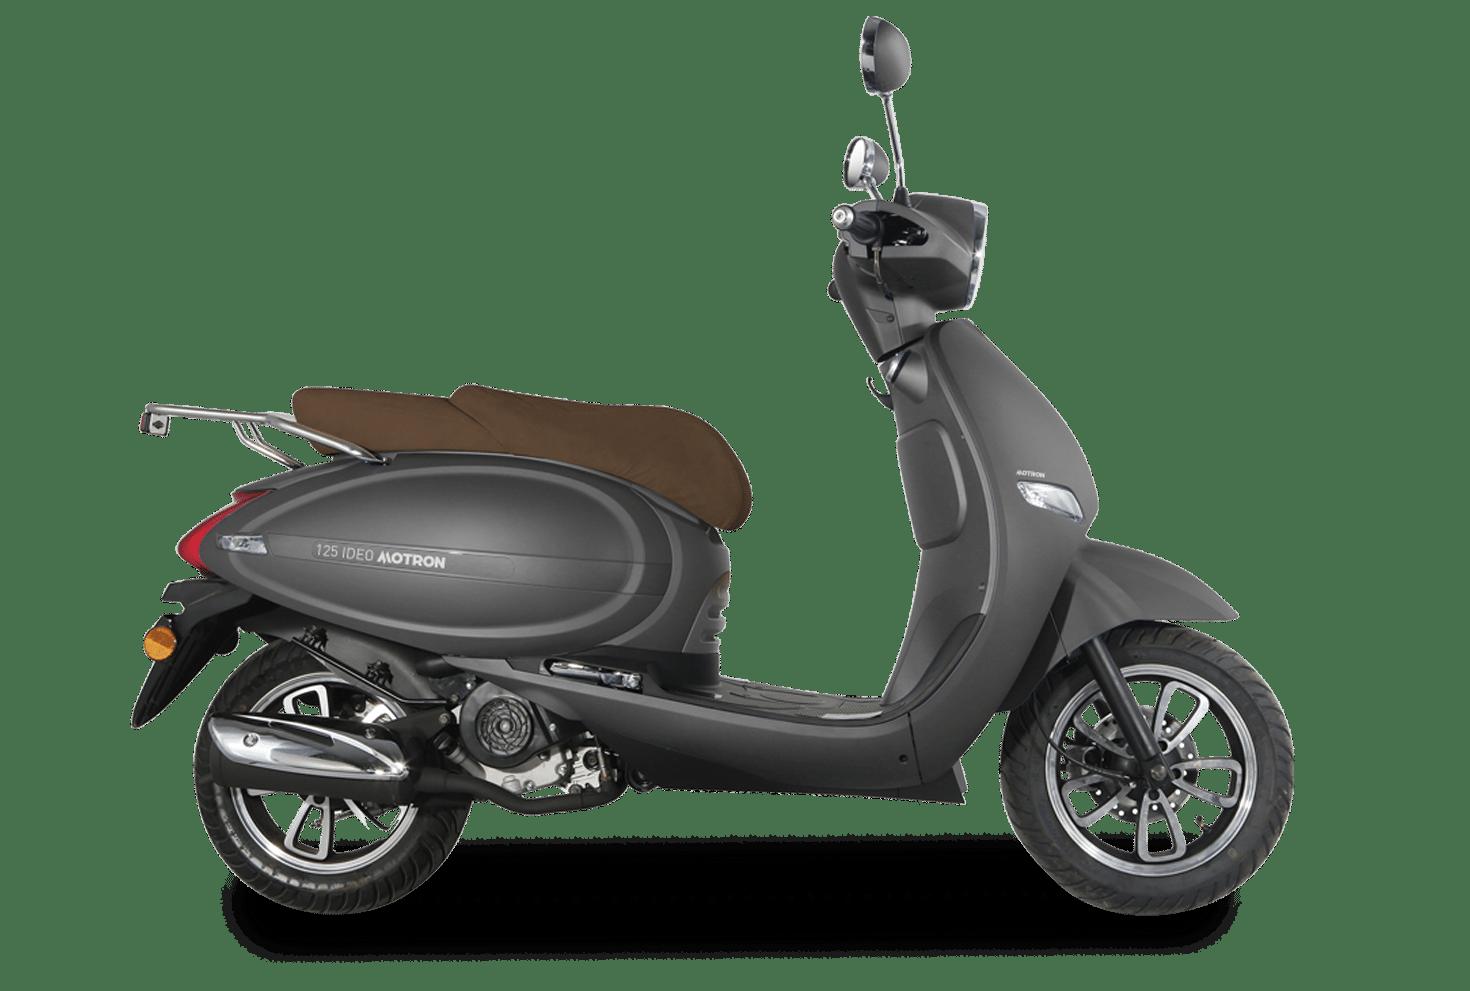 Motron Motorcycles - Ideo 125